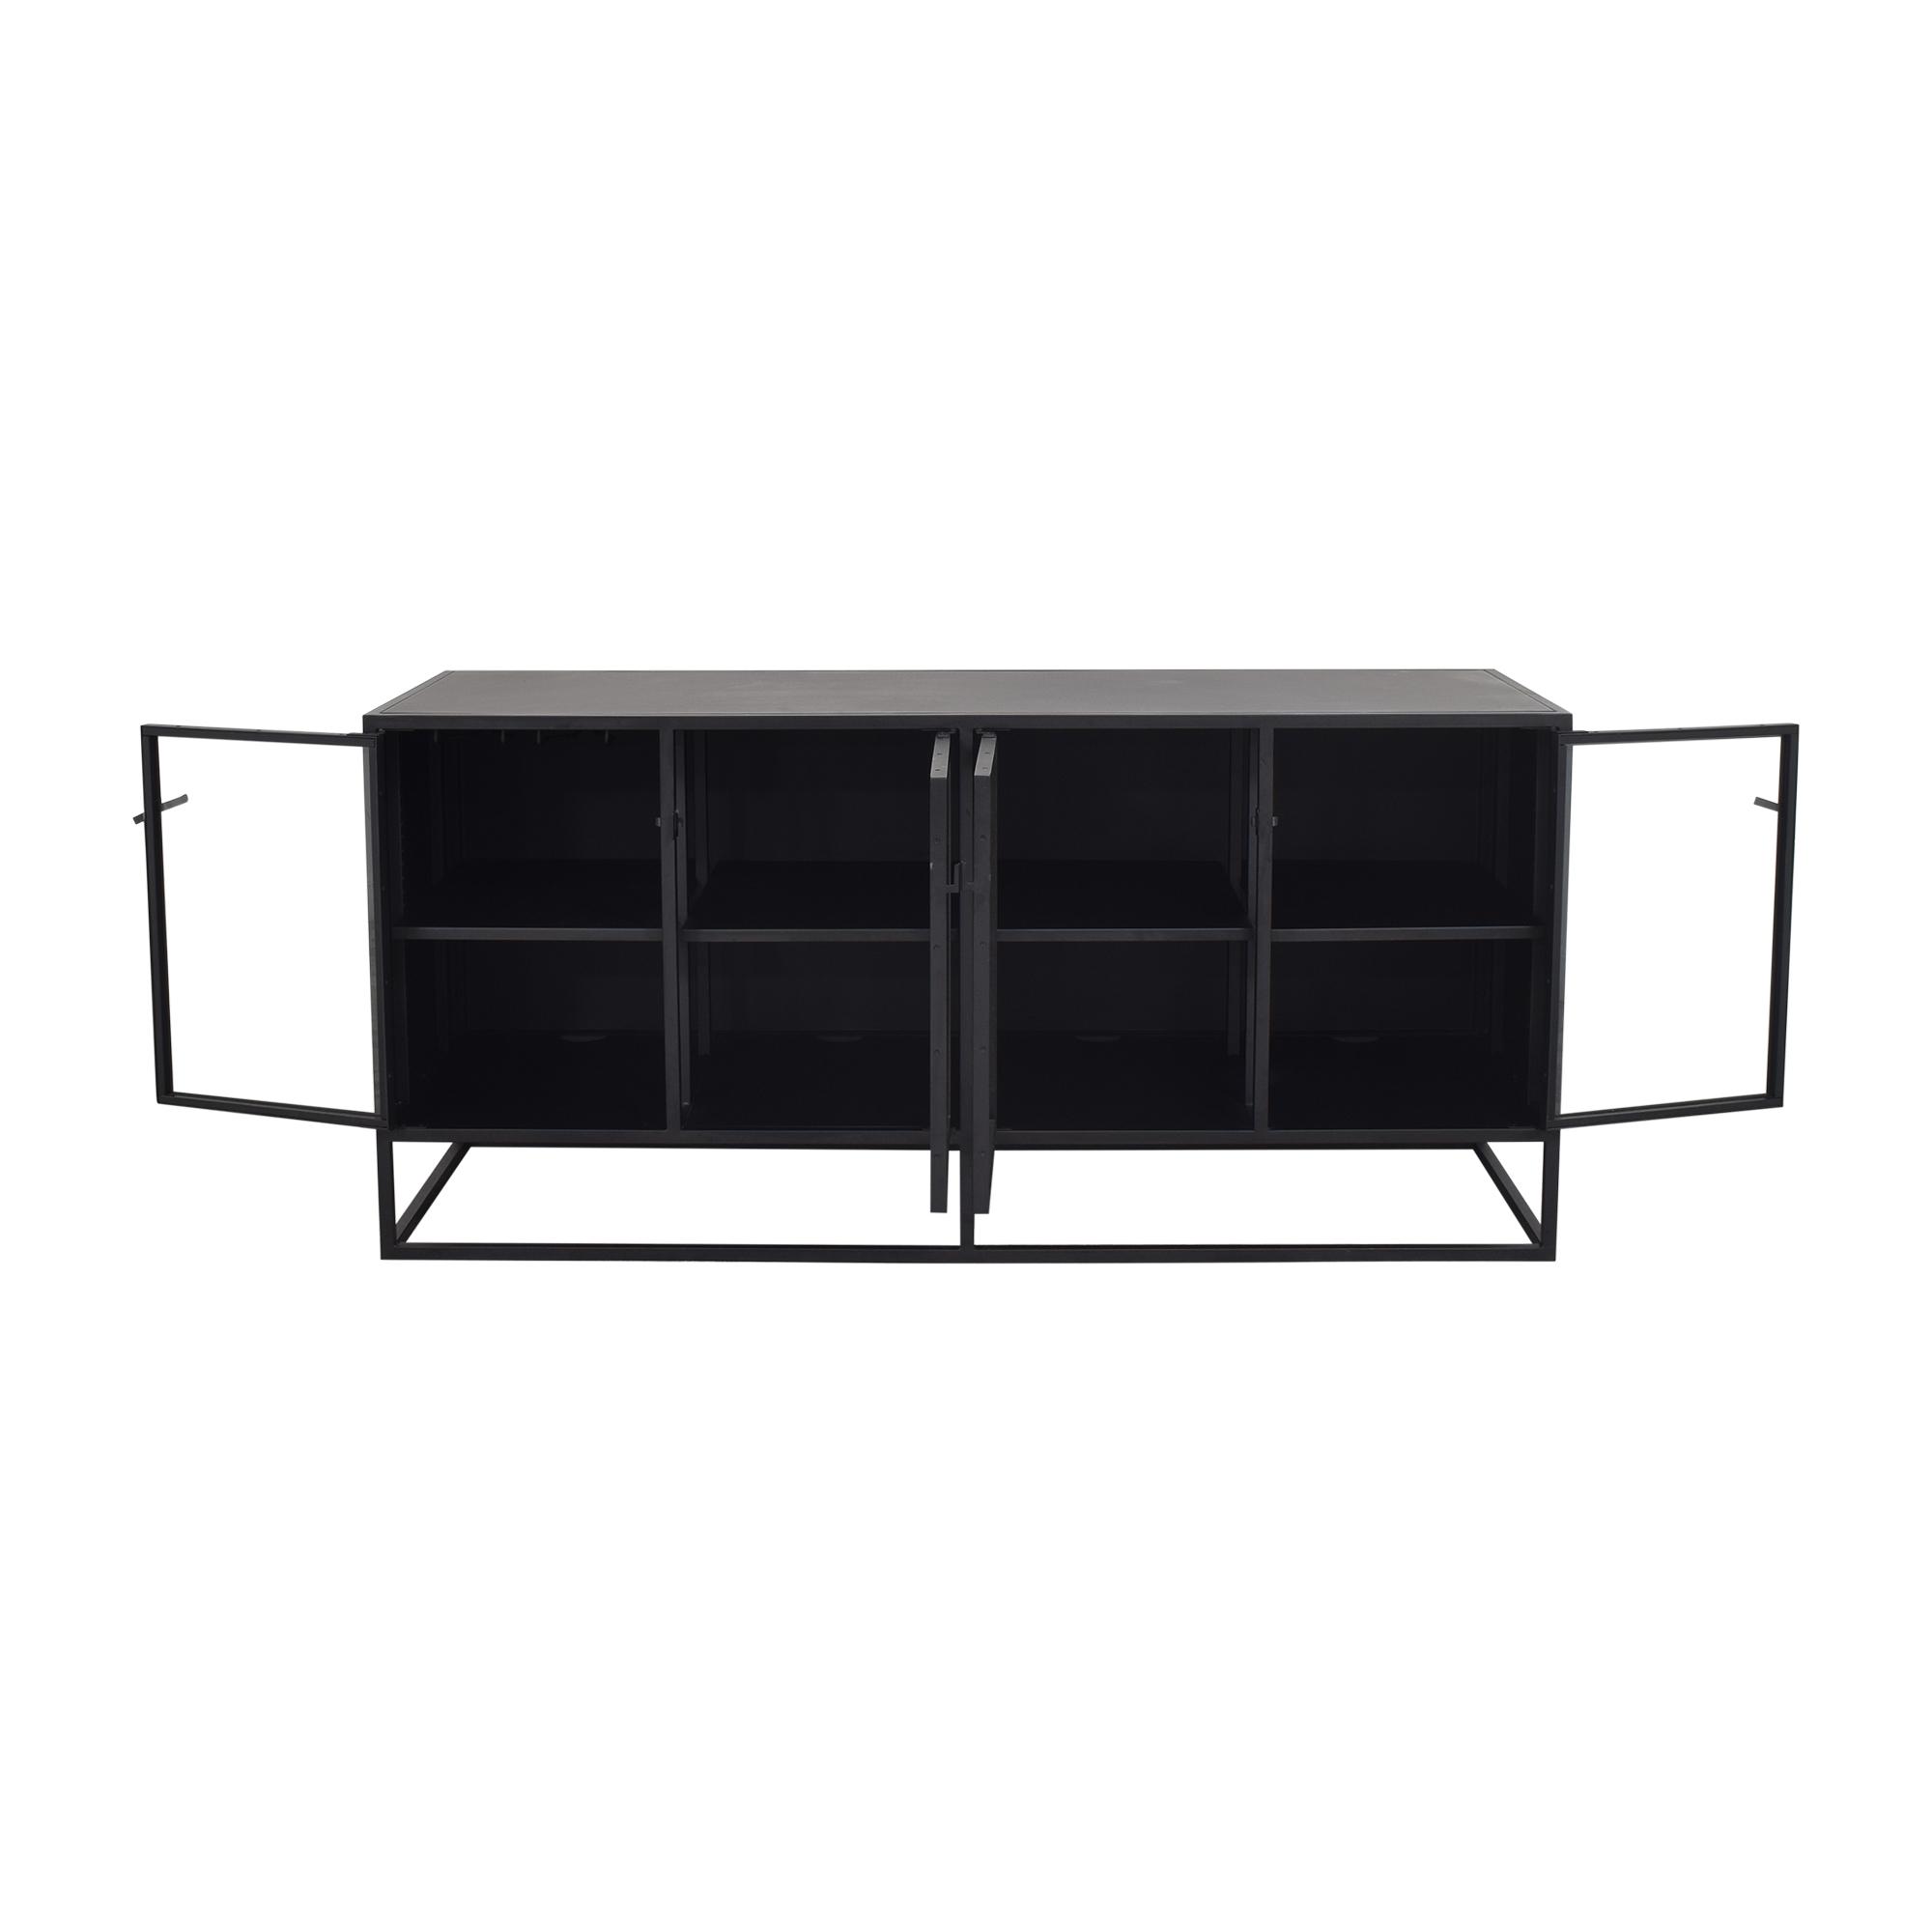 Crate & Barrel Casement Large Sideboard / Storage